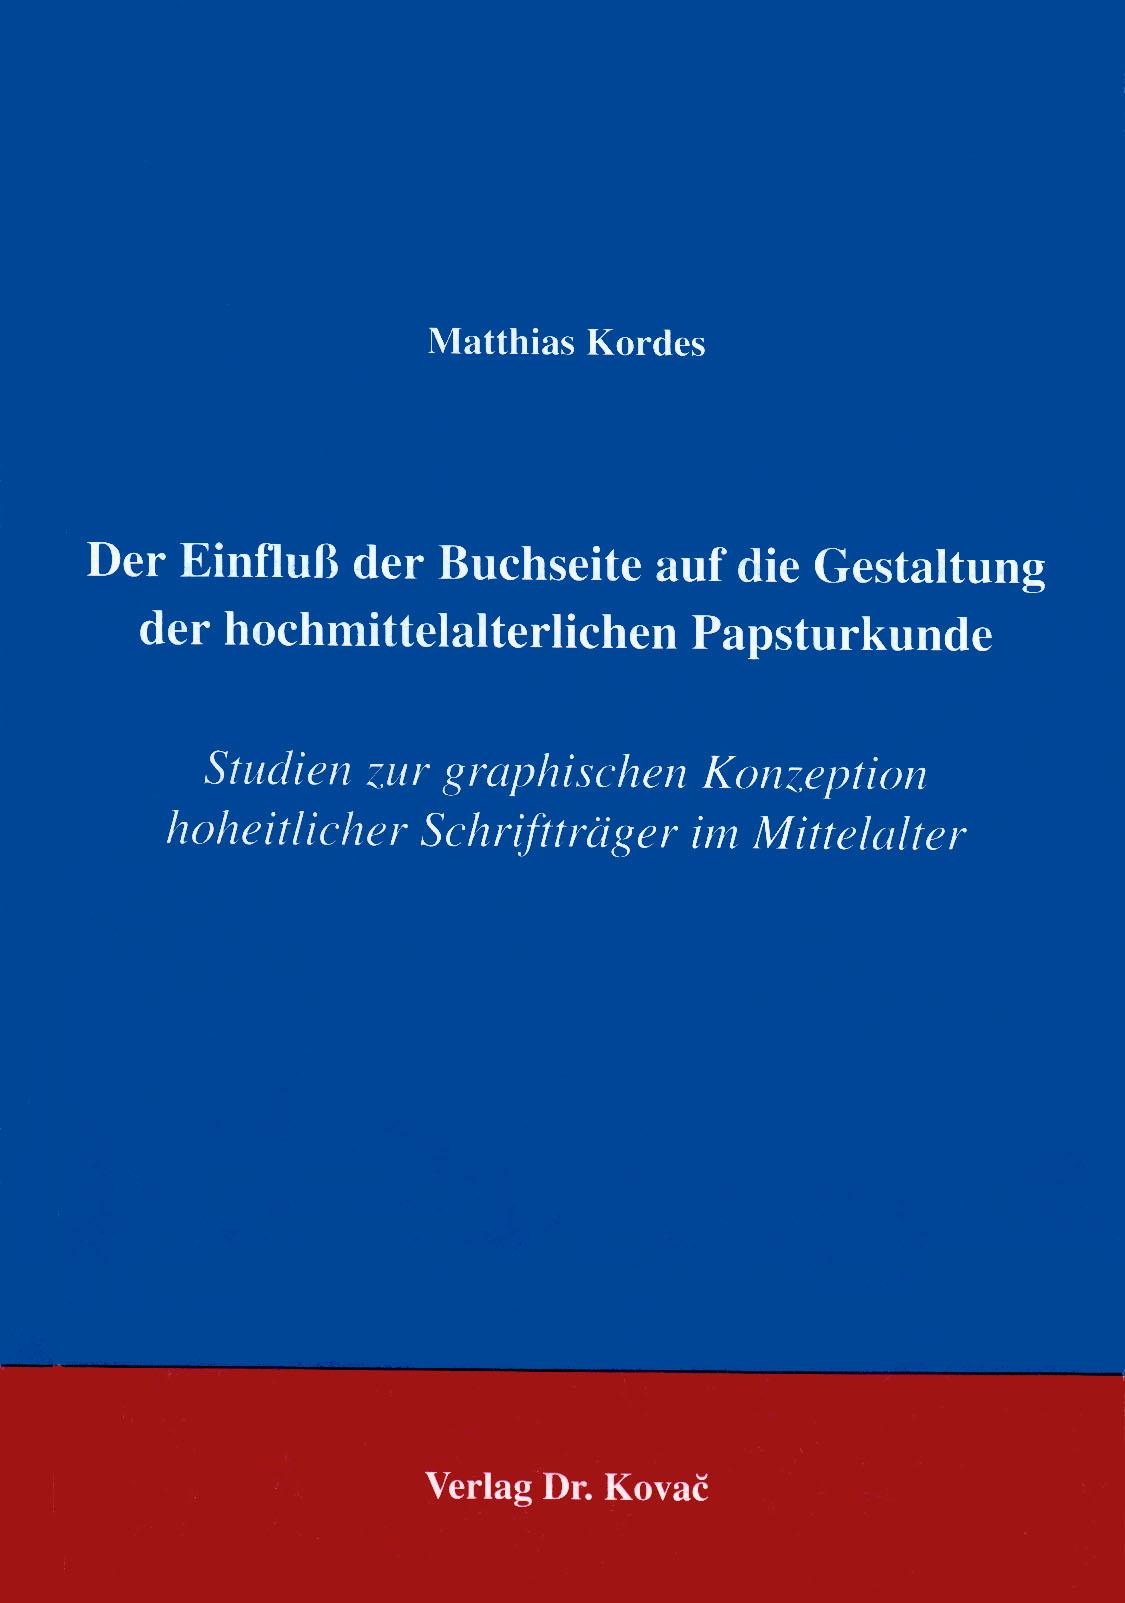 Cover: Der Einfluß der Buchseite auf die Gestaltung der hochmittelalterlichen Papsturkunde